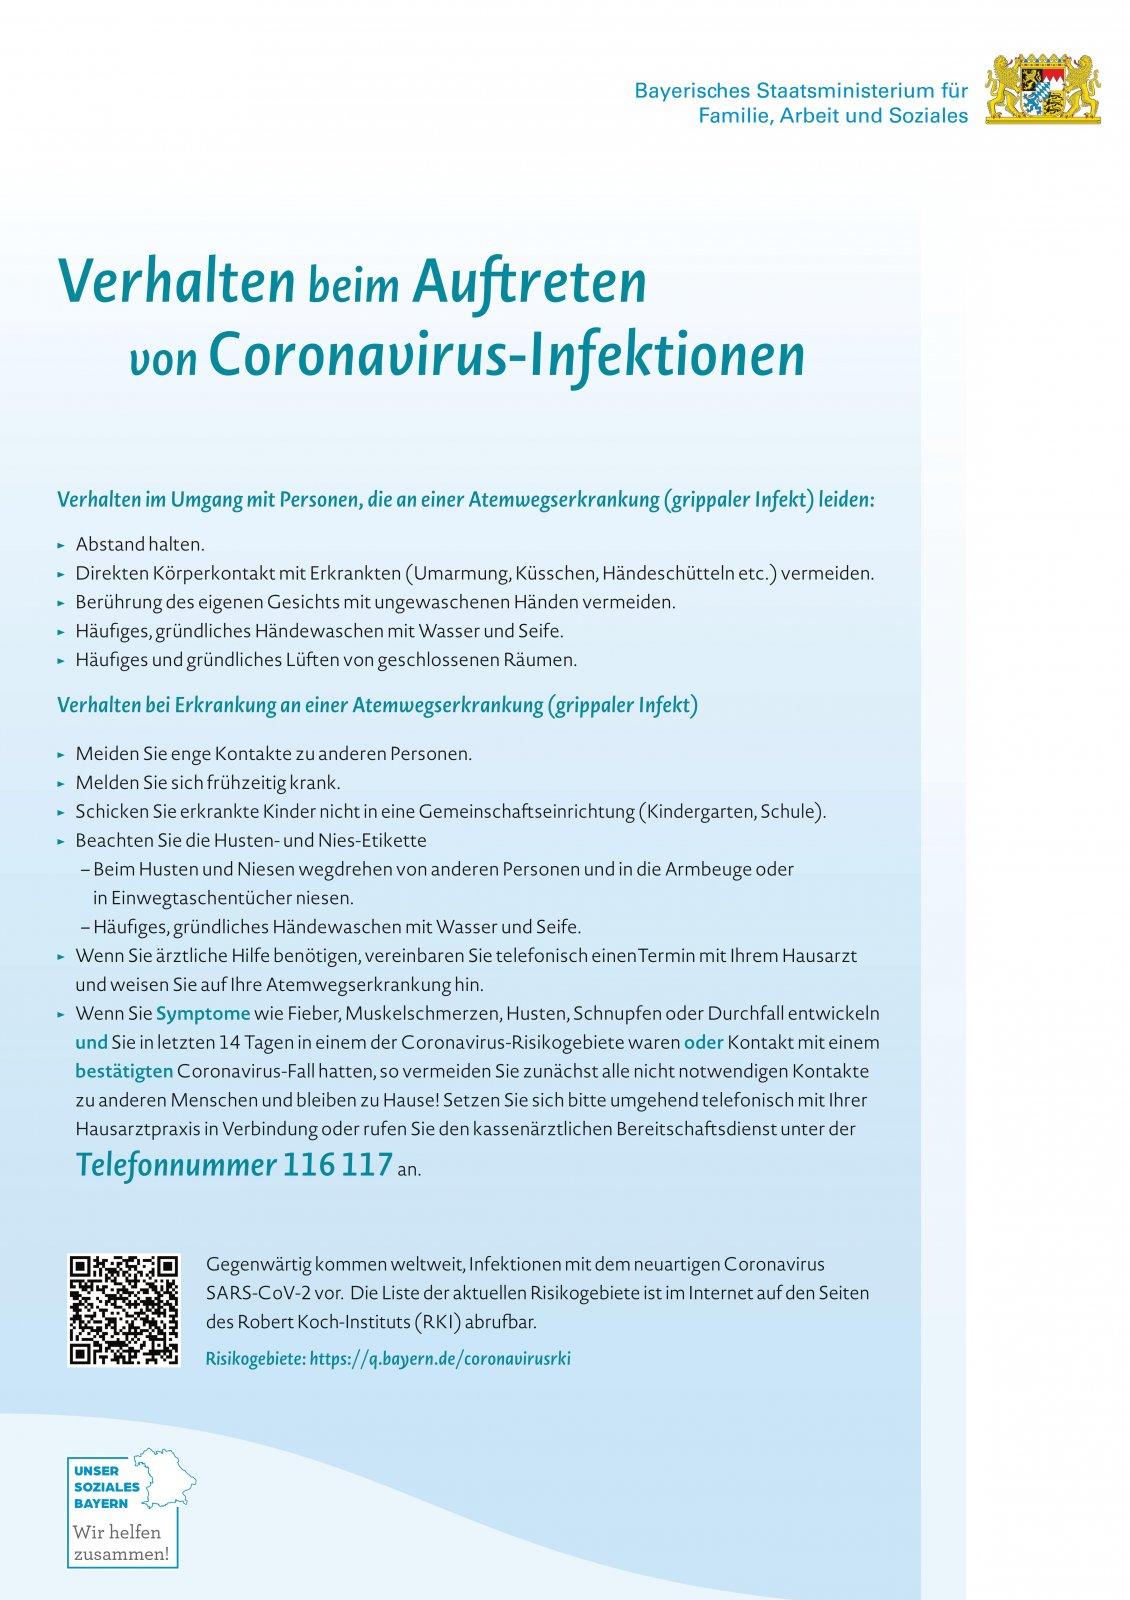 1 Verhaltensempfehlungen Coronavirus Poster A2 Bf